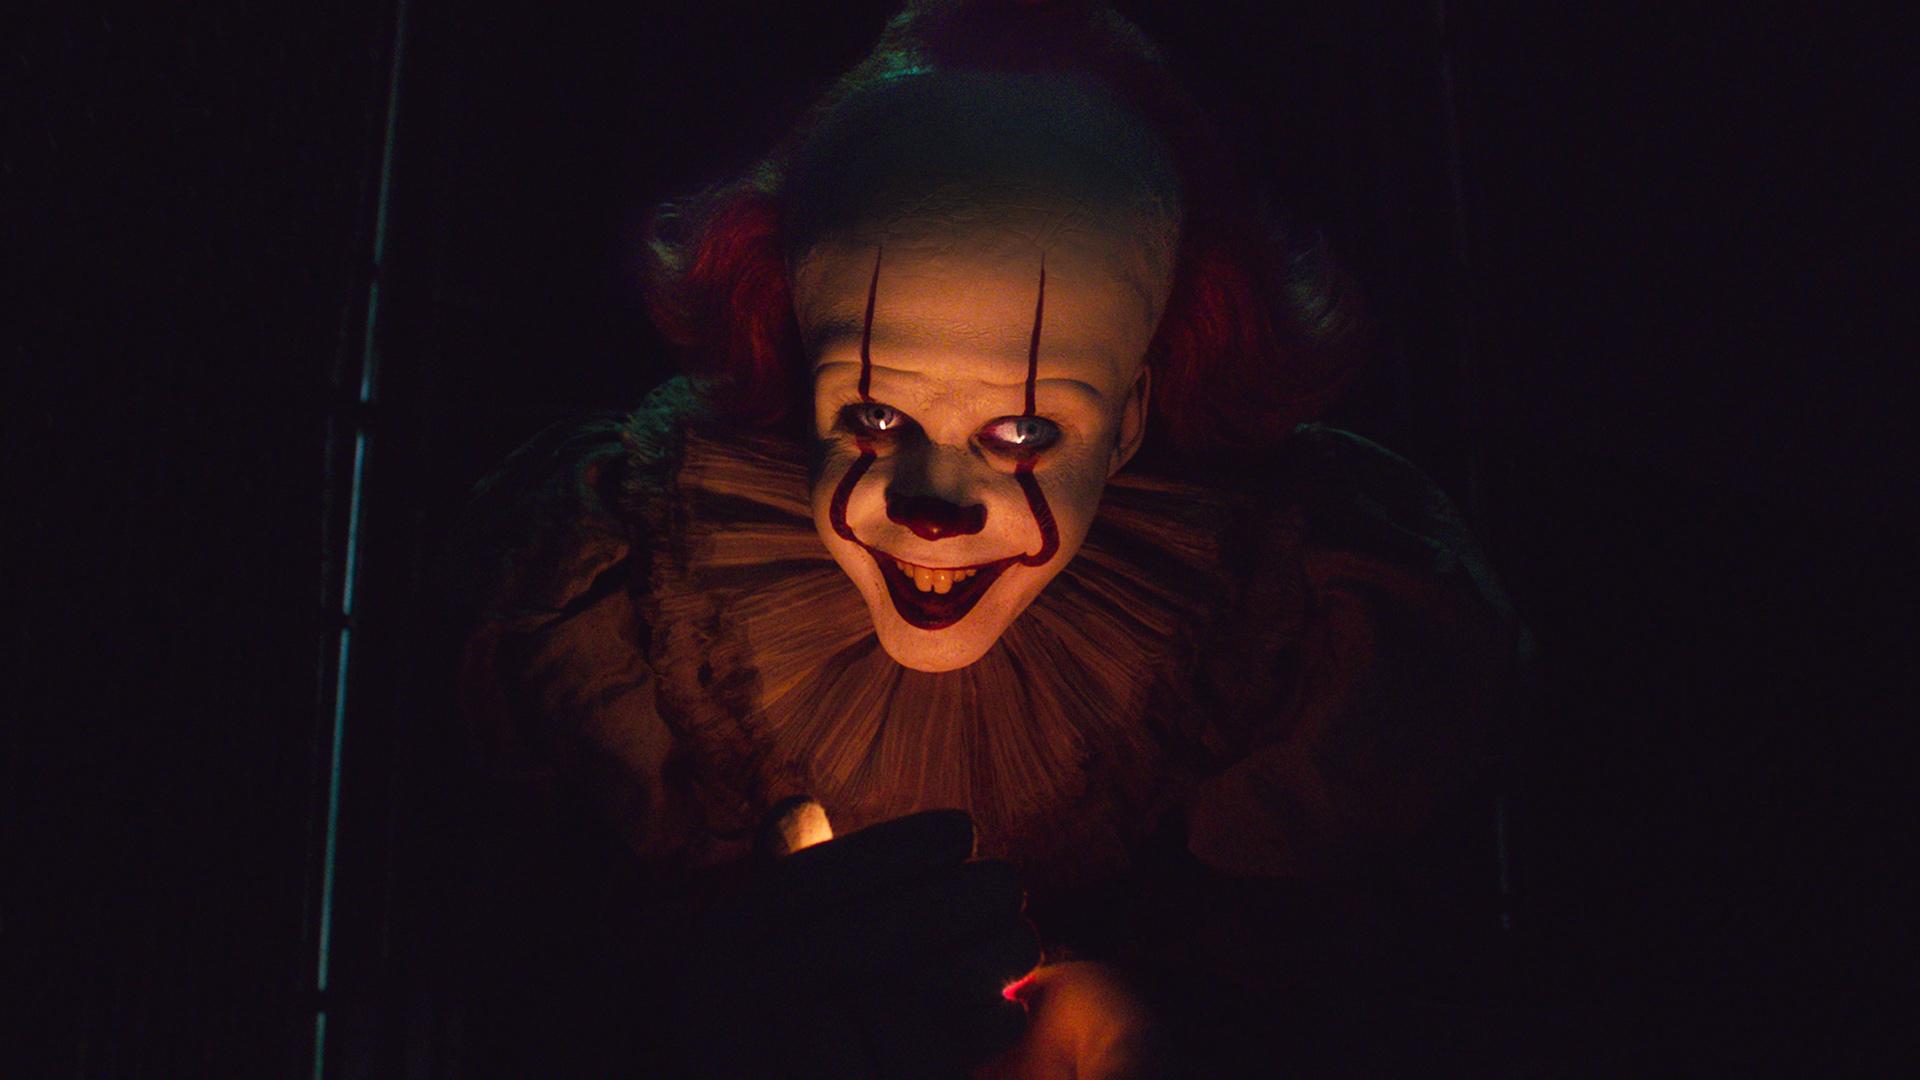 Intervista a Bill Skarsgård, il clown assetato di paura di IT 2